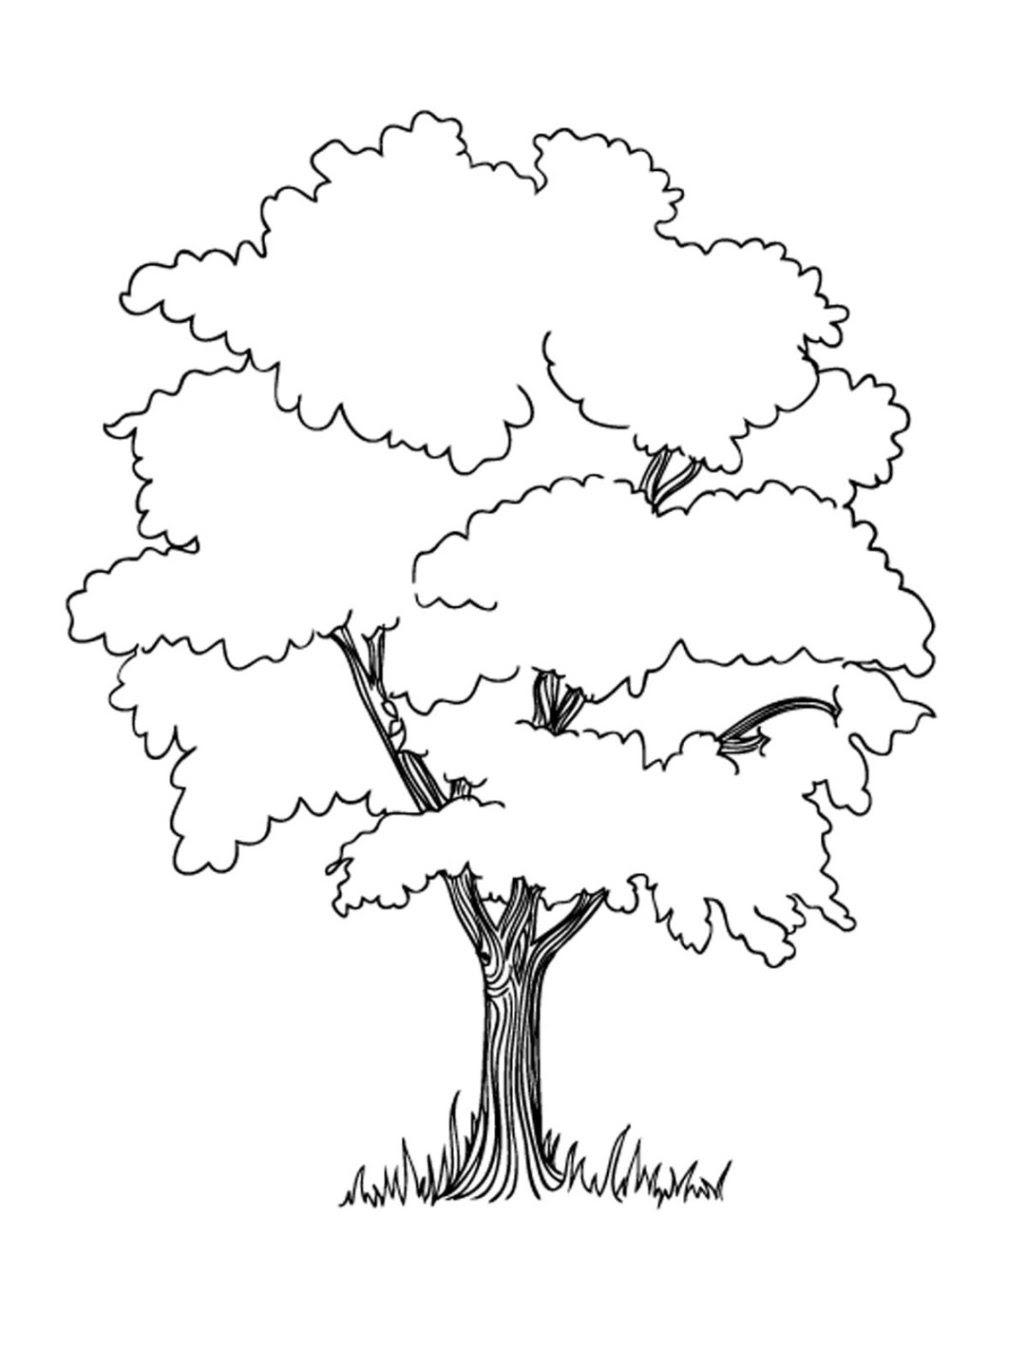 Beste Malvorlagen unter Baum Kategorie auf tuuliabc